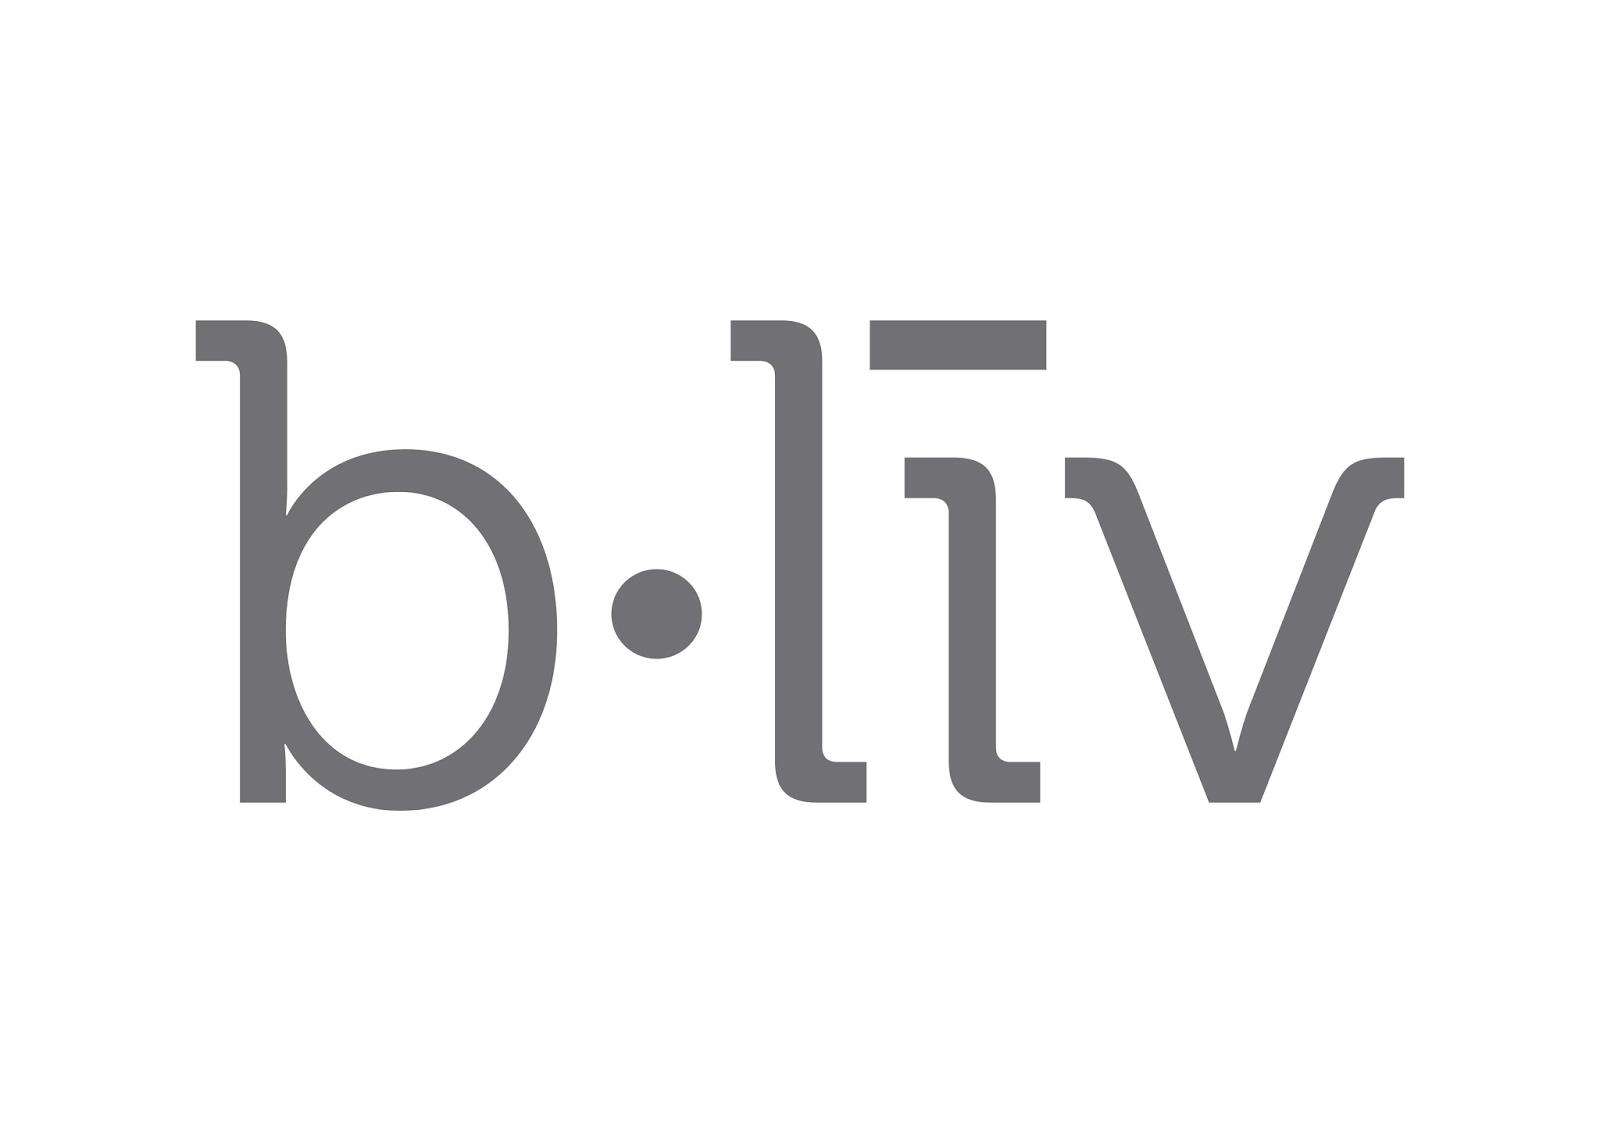 bliv (My) voucher codes